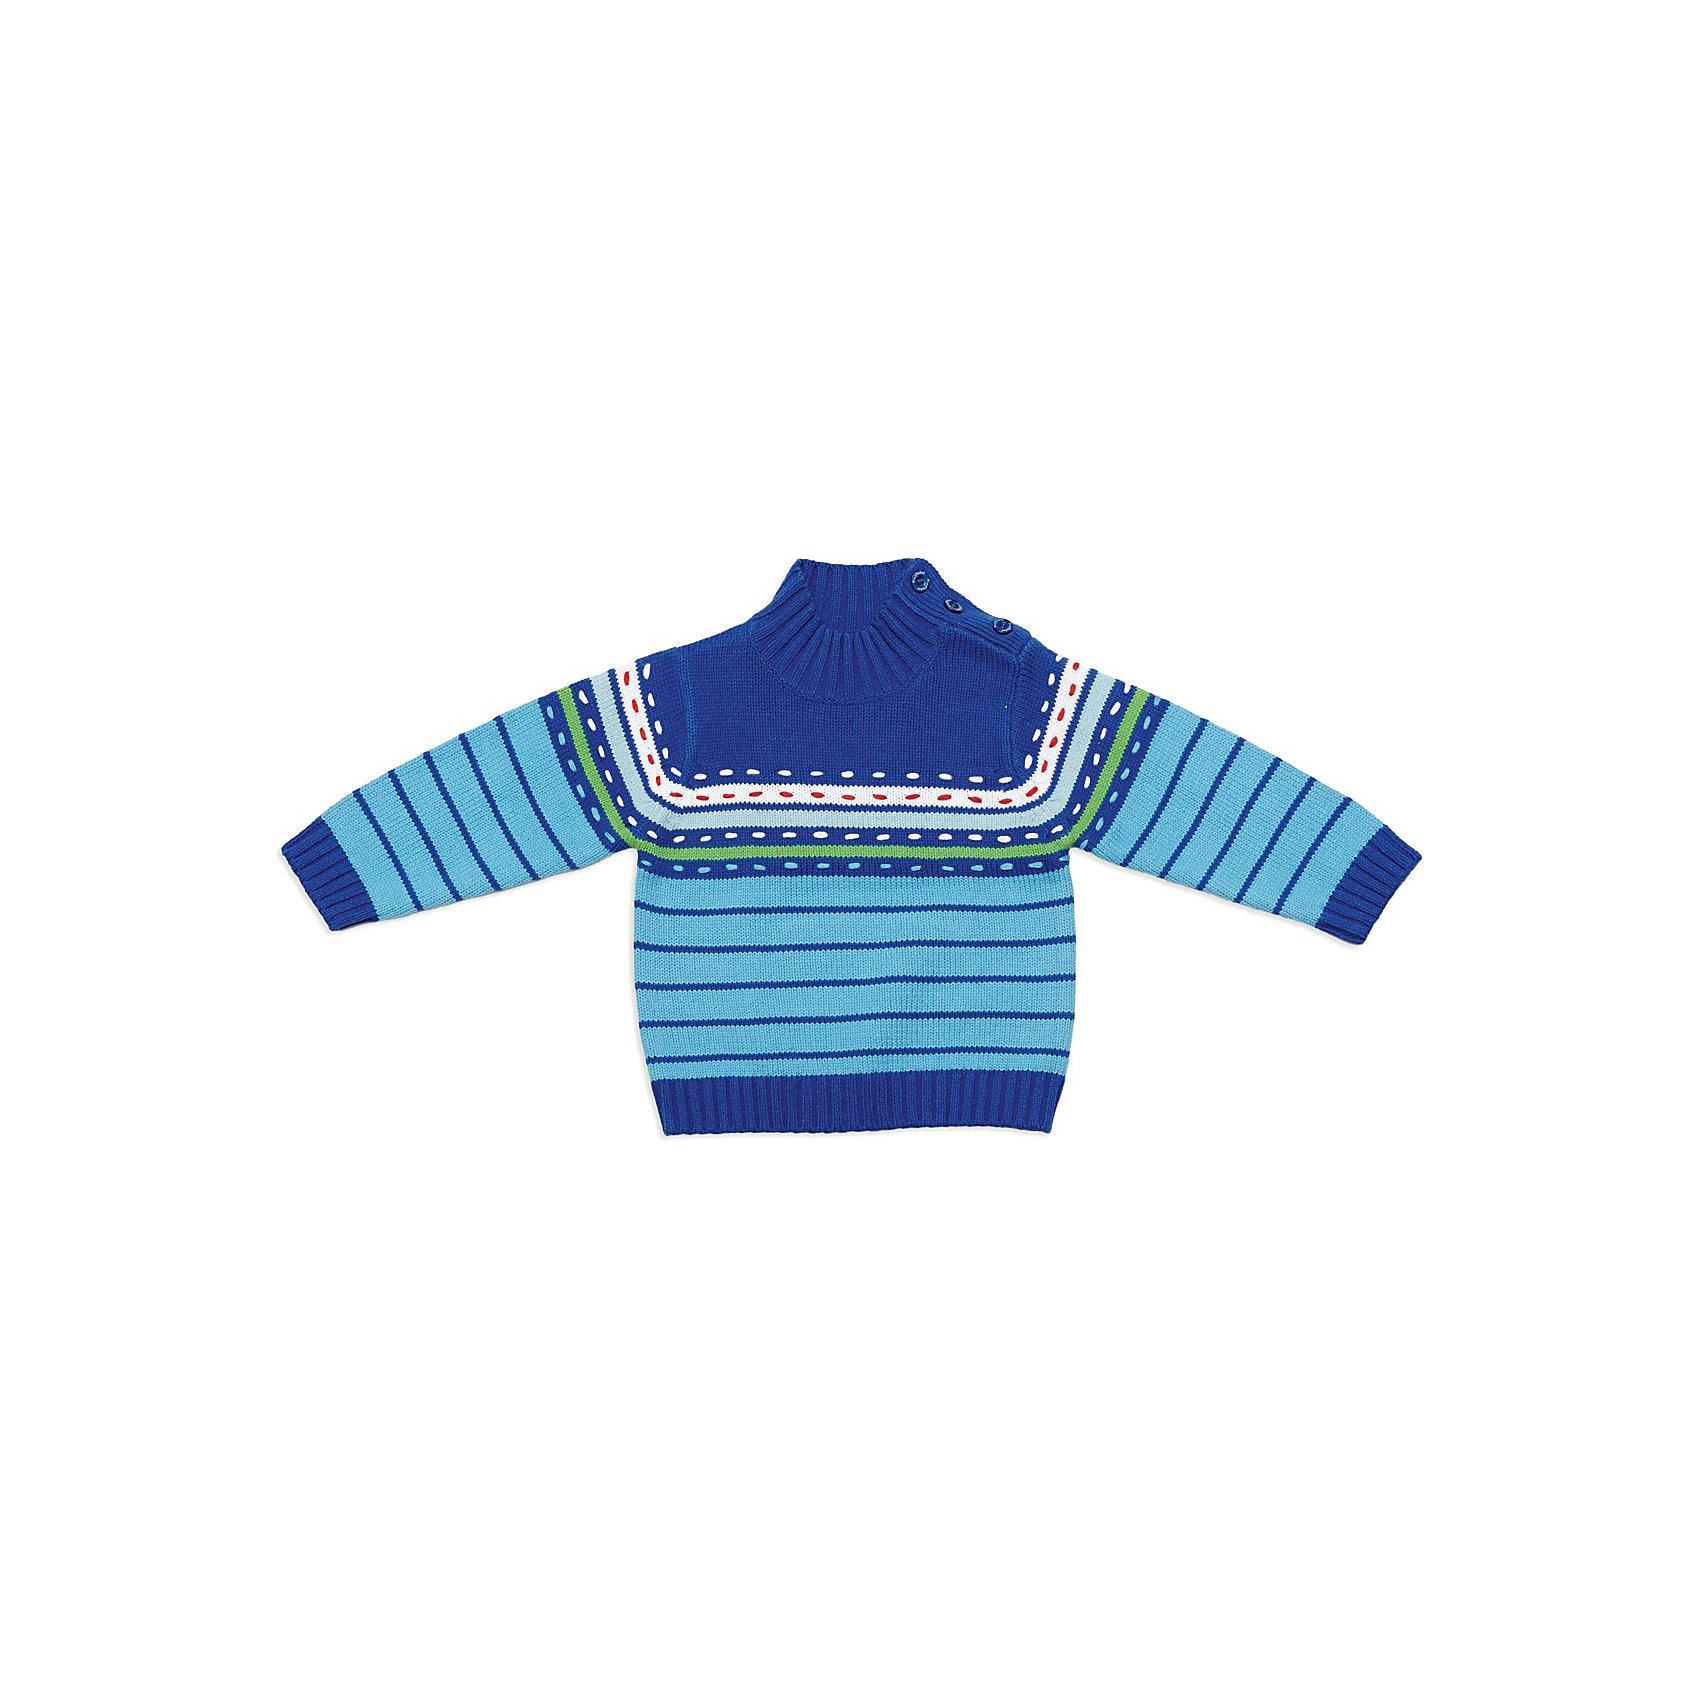 Свитер для мальчика PlayTodayСвитер для мальчика от известной марки PlayToday<br>* уютный вязаный свитер на каждый день для малыша<br>* округлый ворот с застежкой на пуговицы, расположенных на плече<br>* модель в красочную полоску, украшена декоративными стежками<br>* ворот, манжеты и низ - вязаная резинка<br>Состав:<br>60% хлопок, 40% акрил<br><br>Ширина мм: 190<br>Глубина мм: 74<br>Высота мм: 229<br>Вес г: 236<br>Цвет: синий<br>Возраст от месяцев: 18<br>Возраст до месяцев: 24<br>Пол: Мужской<br>Возраст: Детский<br>Размер: 92,86,74,80<br>SKU: 3745588